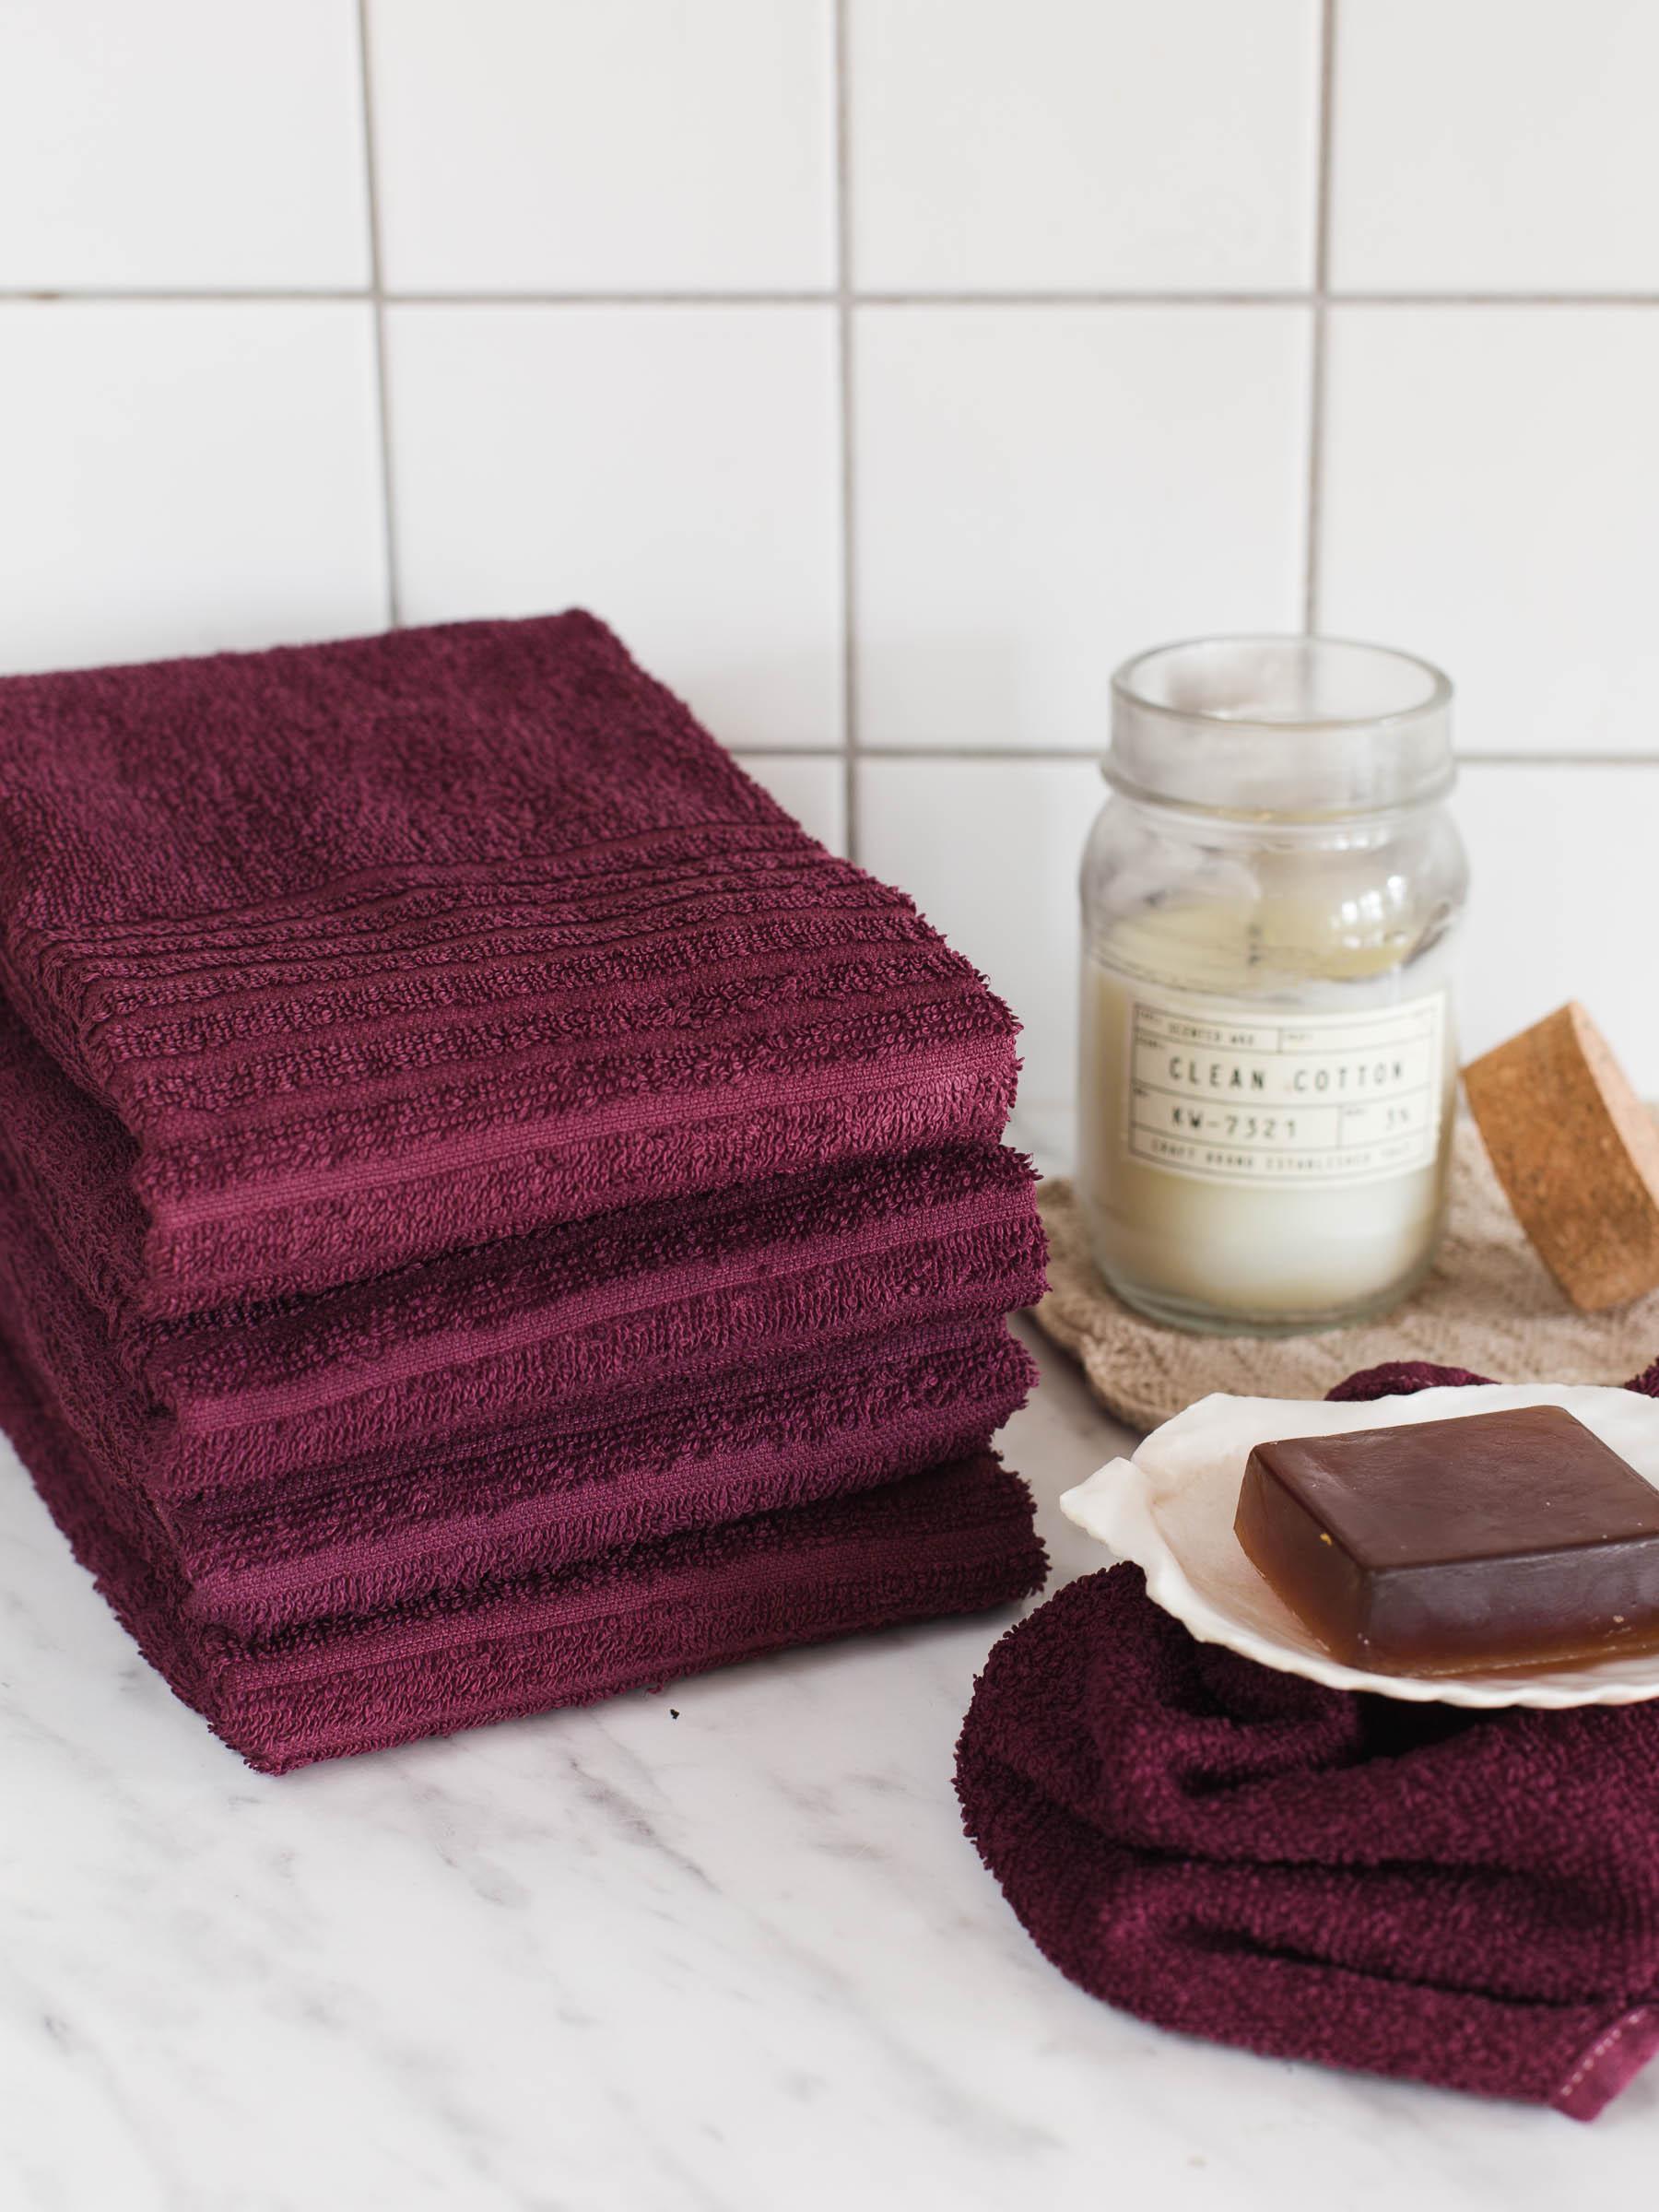 Ge gamla handdukar och kläder nytt liv